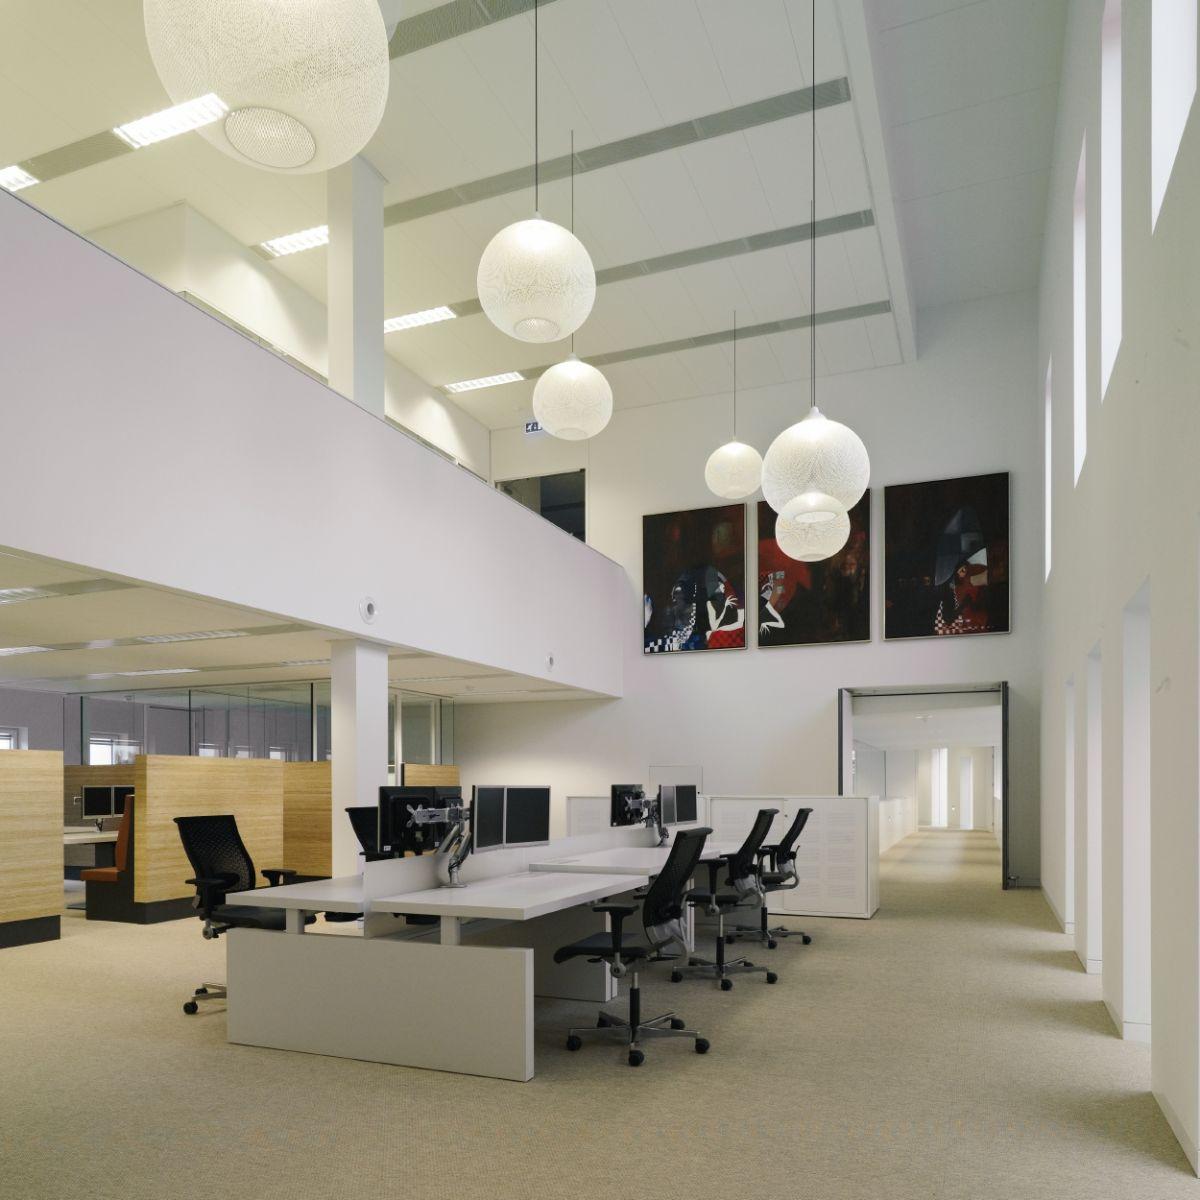 Charmant NONRANDOM Lights Used As Office Lighting For Overhead Desk Lighting, White